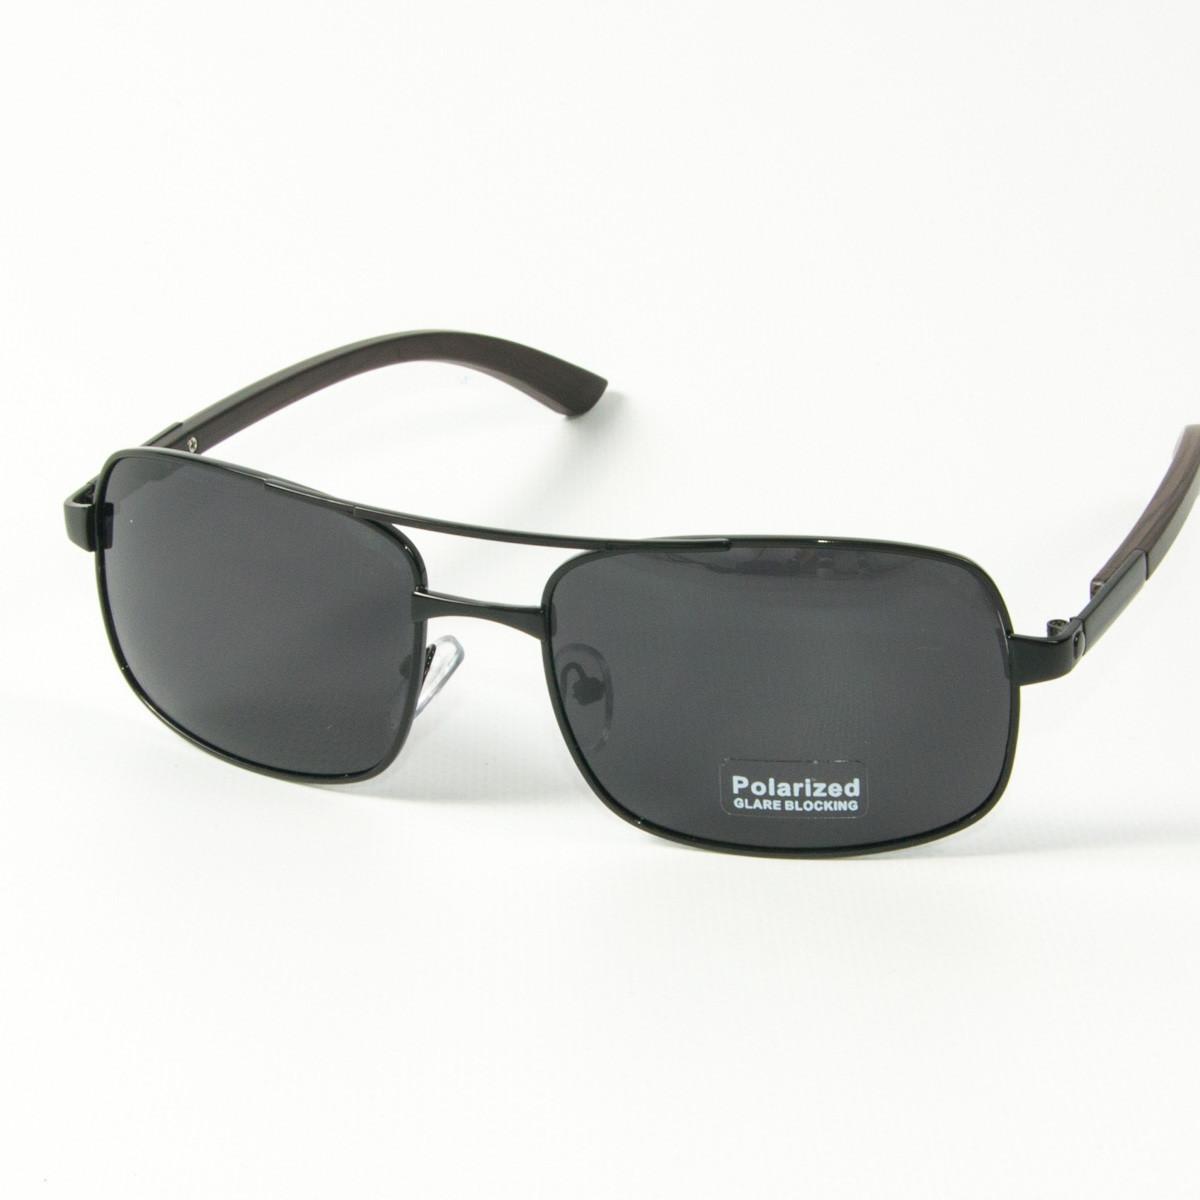 Оптом поляризационные   мужские солнцезащитные  очки  (арт. 10-C16500487/1) с черной оправой